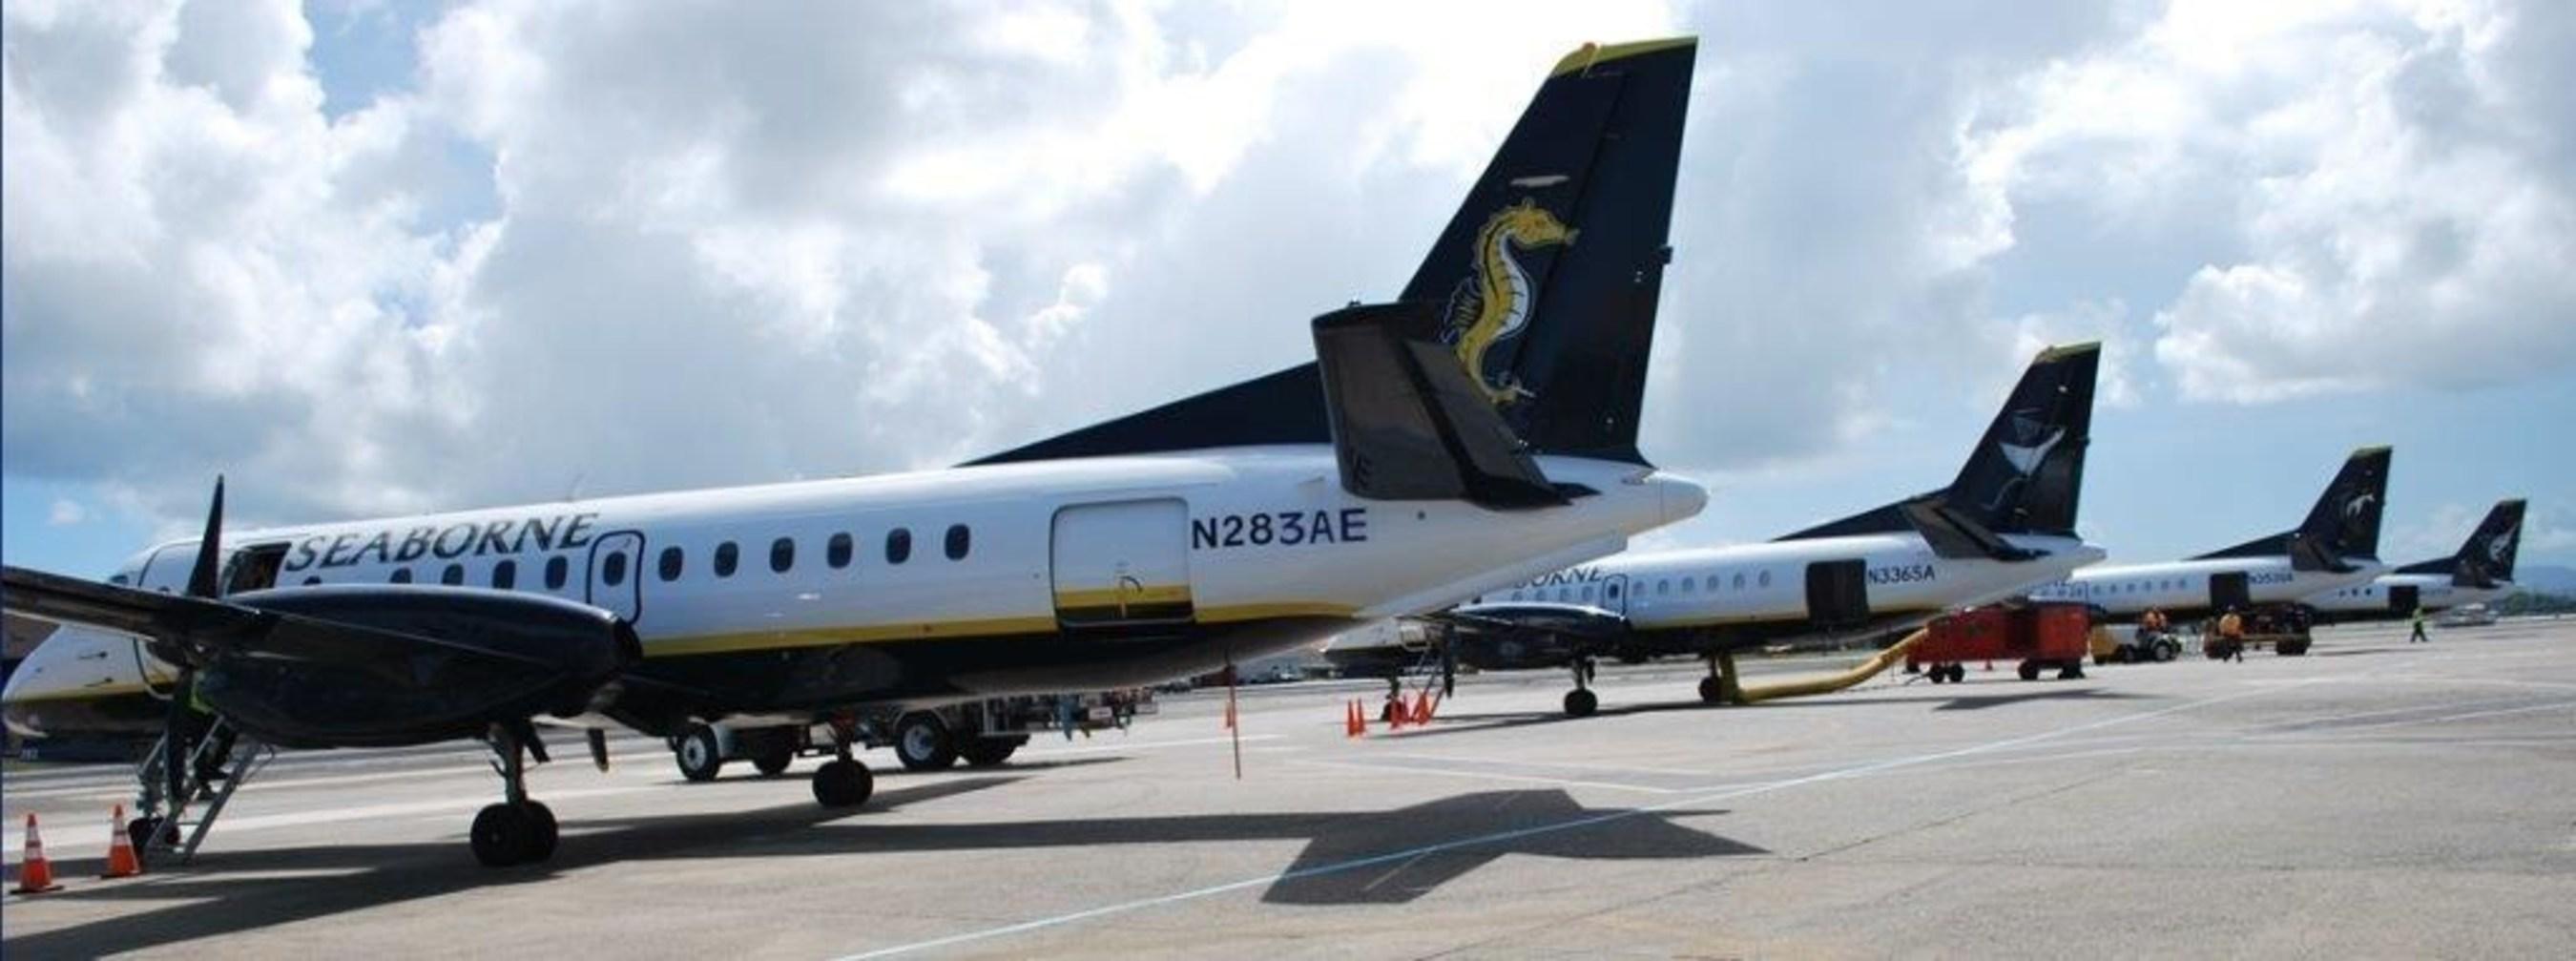 Seaborne anuncia un nuevo servicio entre Puerto Rico y Antigua y Barbuda